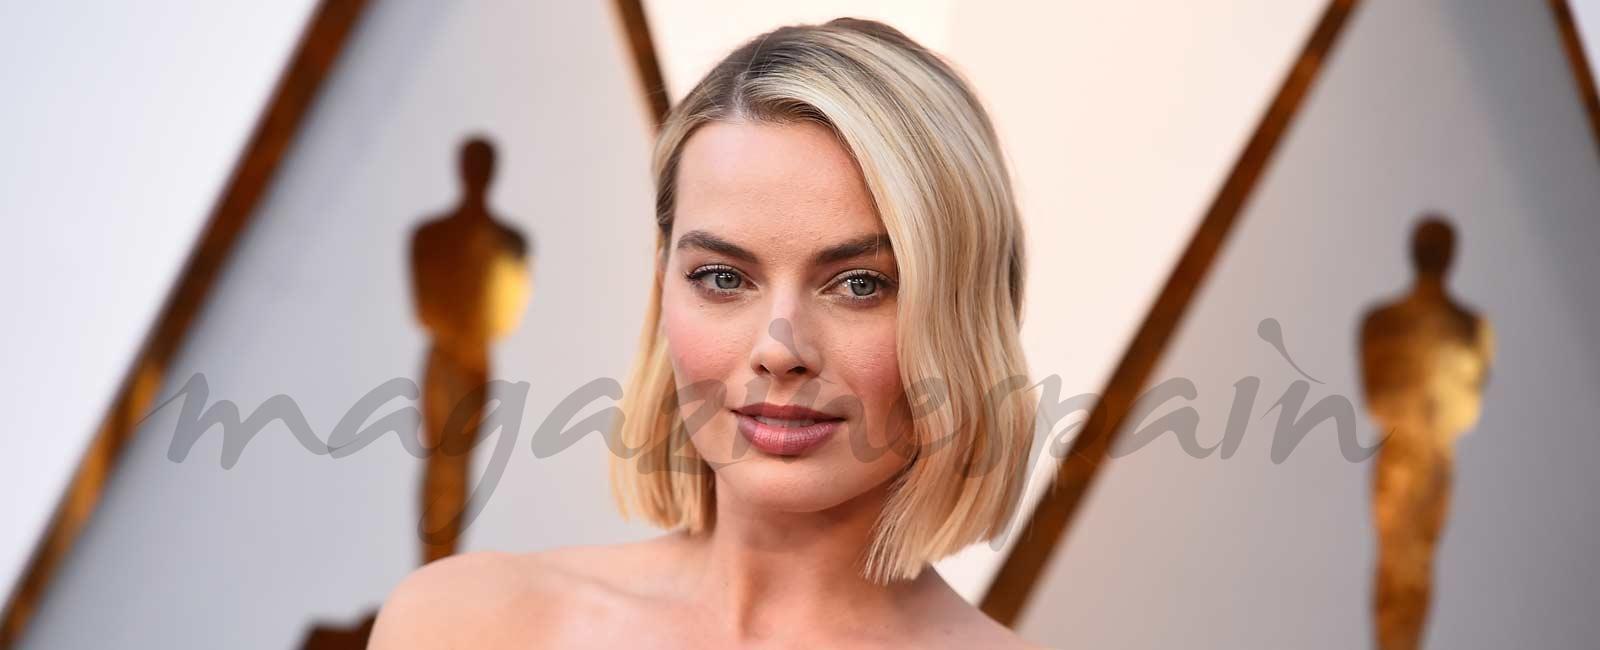 Los mejores beauty looks de los Oscars 2018